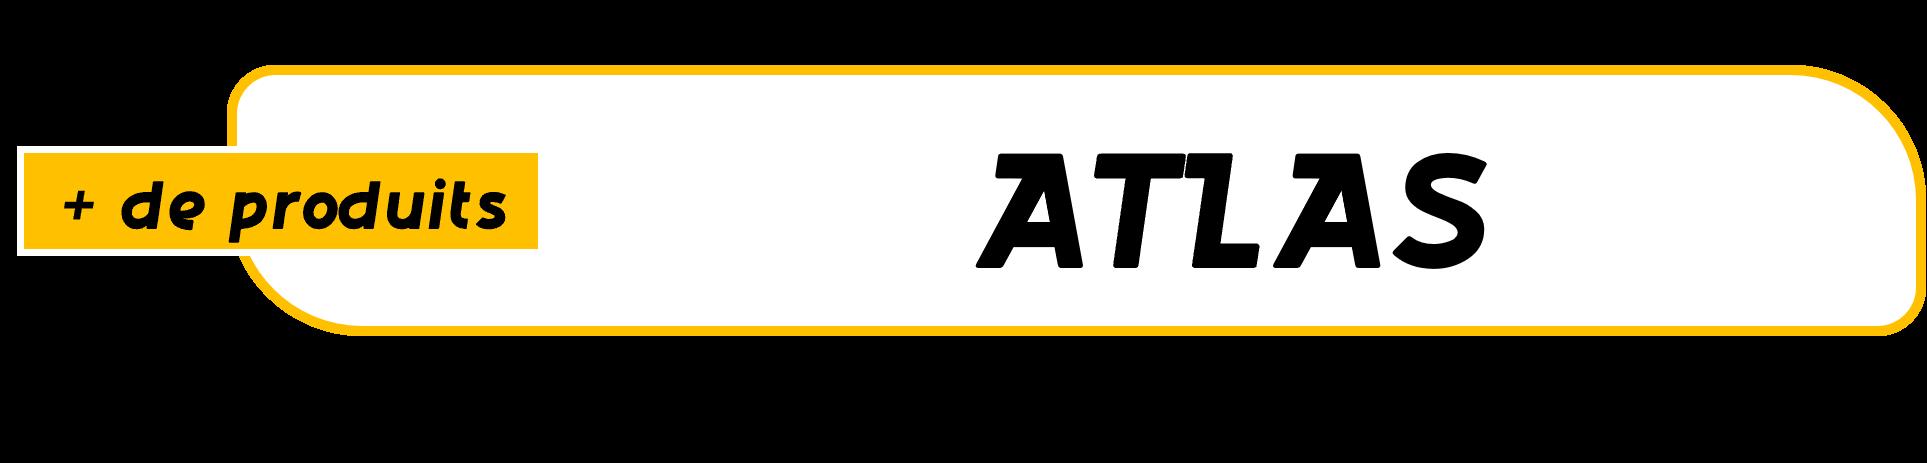 ATLAS - CRISTOR